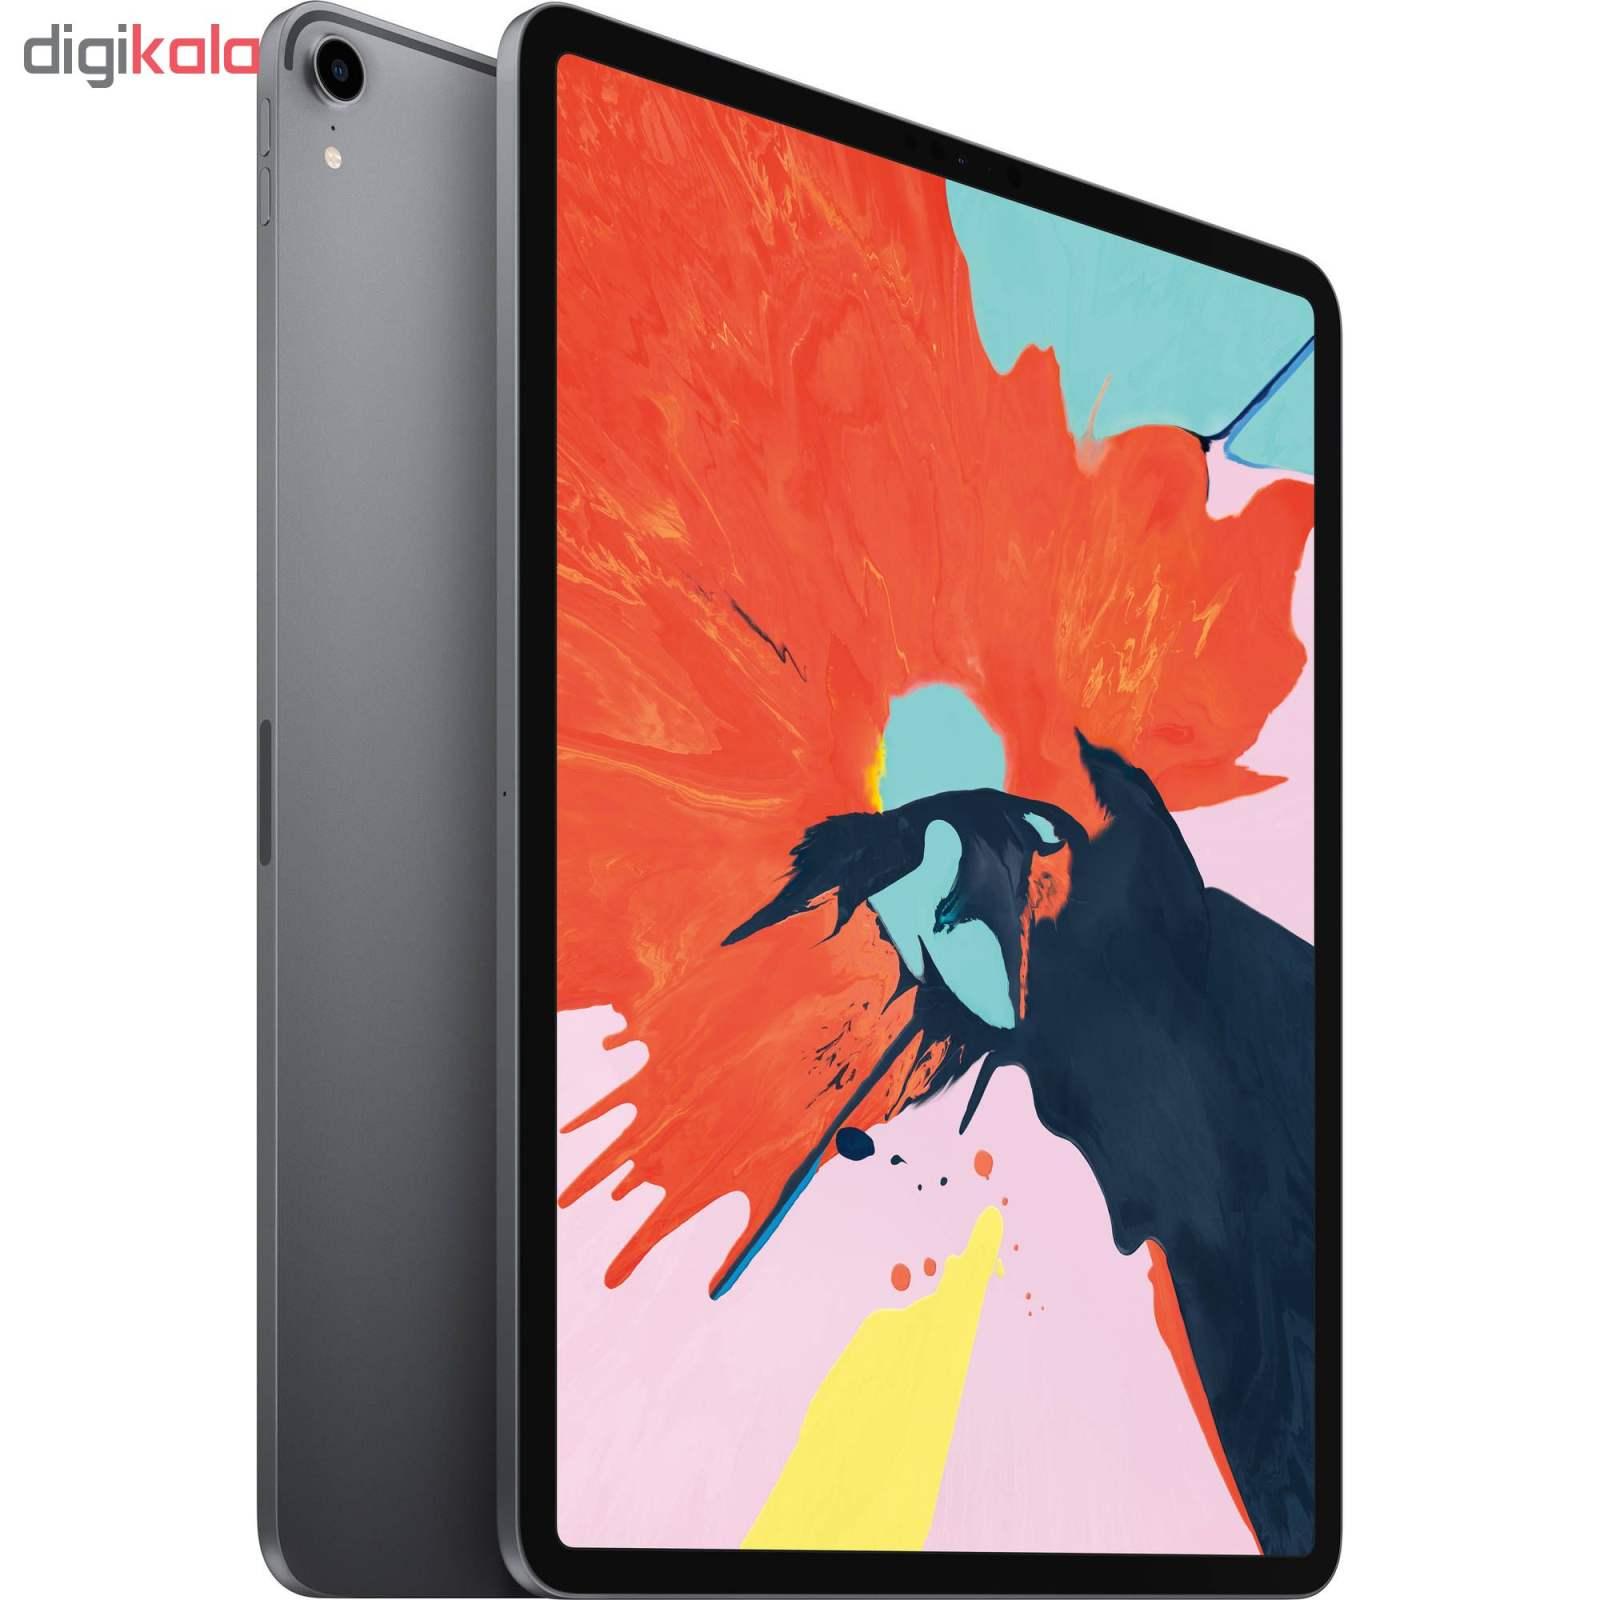 تبلت اپل مدل iPad Pro 2018 12.9 inch 4G ظرفیت 256 گیگابایت main 1 4